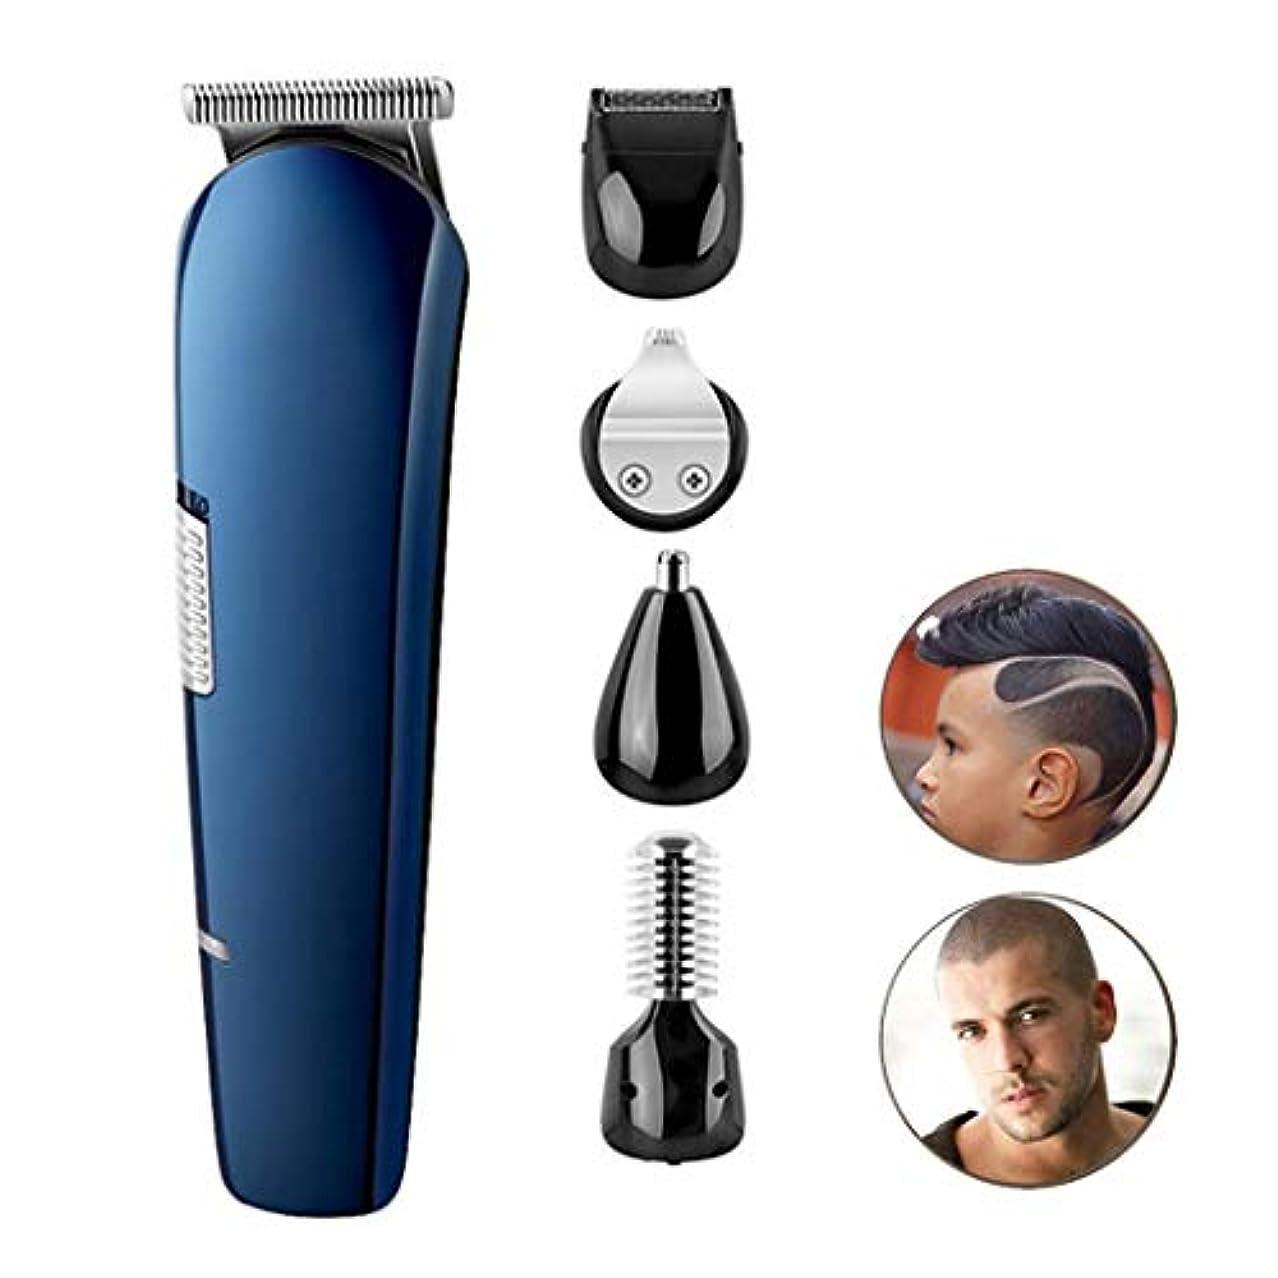 抑圧スーダン抑圧バリカンクリップNのトリムの毛クリッパーメンズひげのトリマーコードレス再充電可能な専門の毛クリッパー